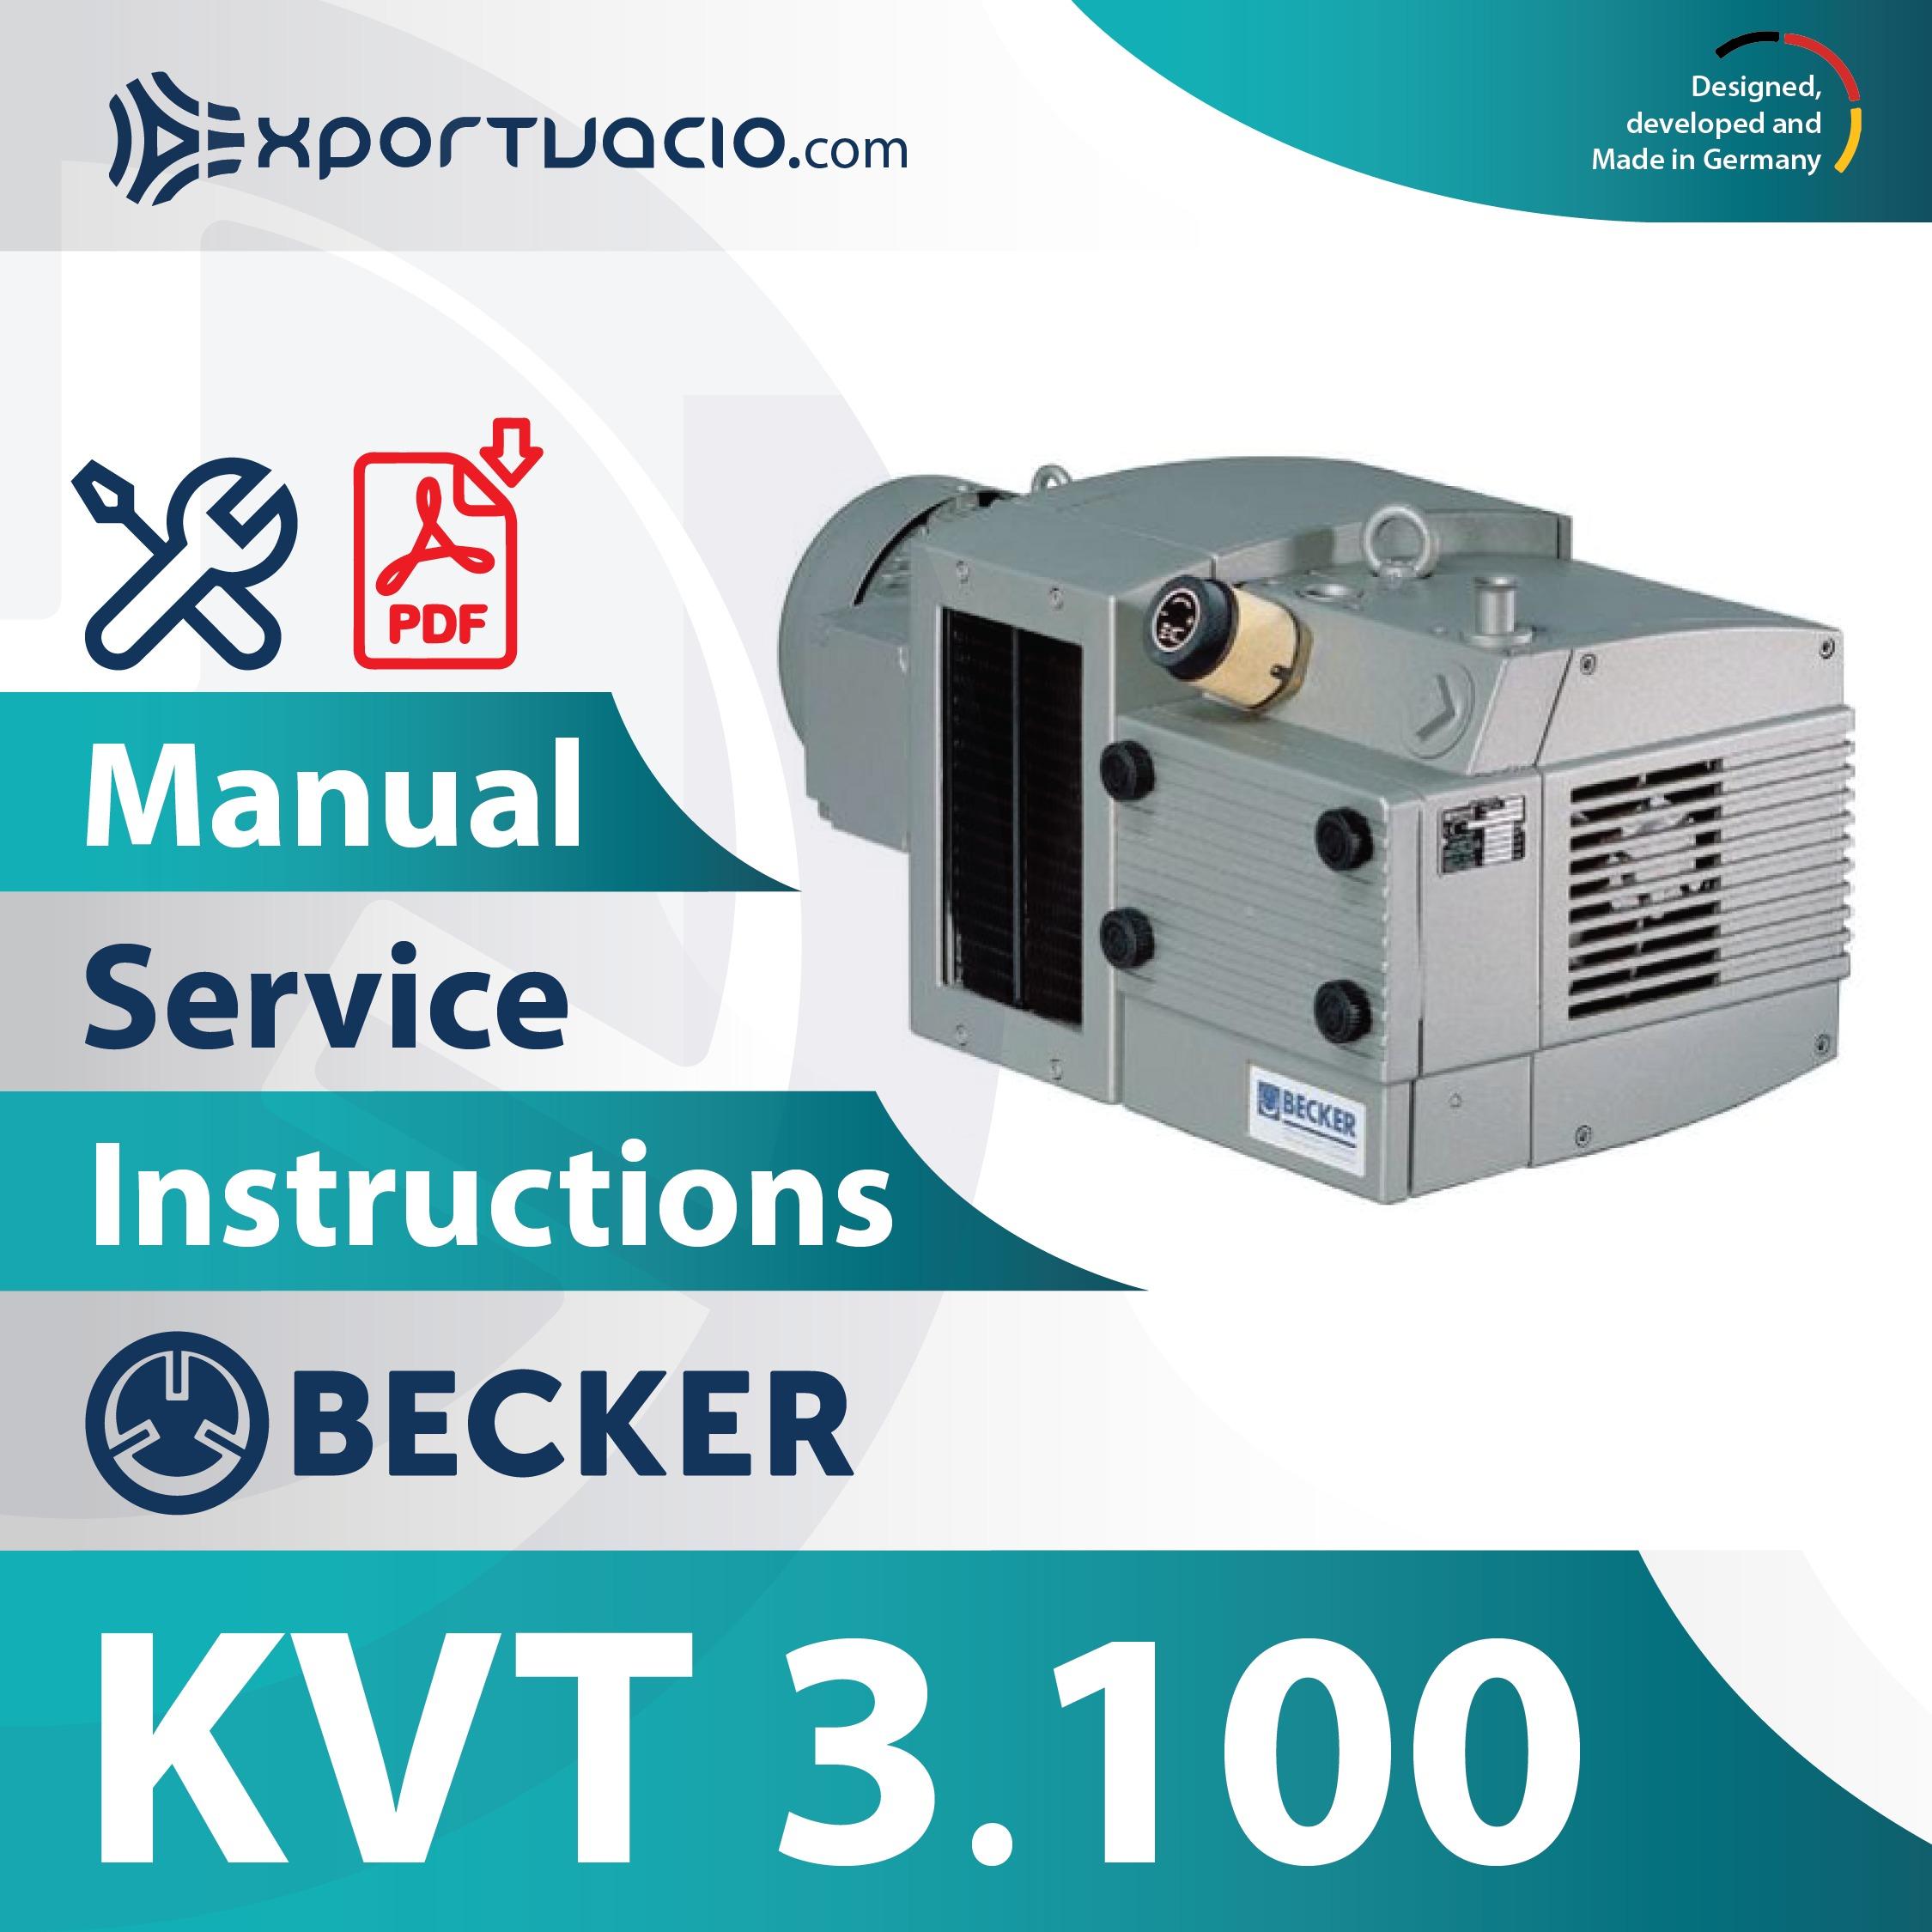 Becker KVT 3.100